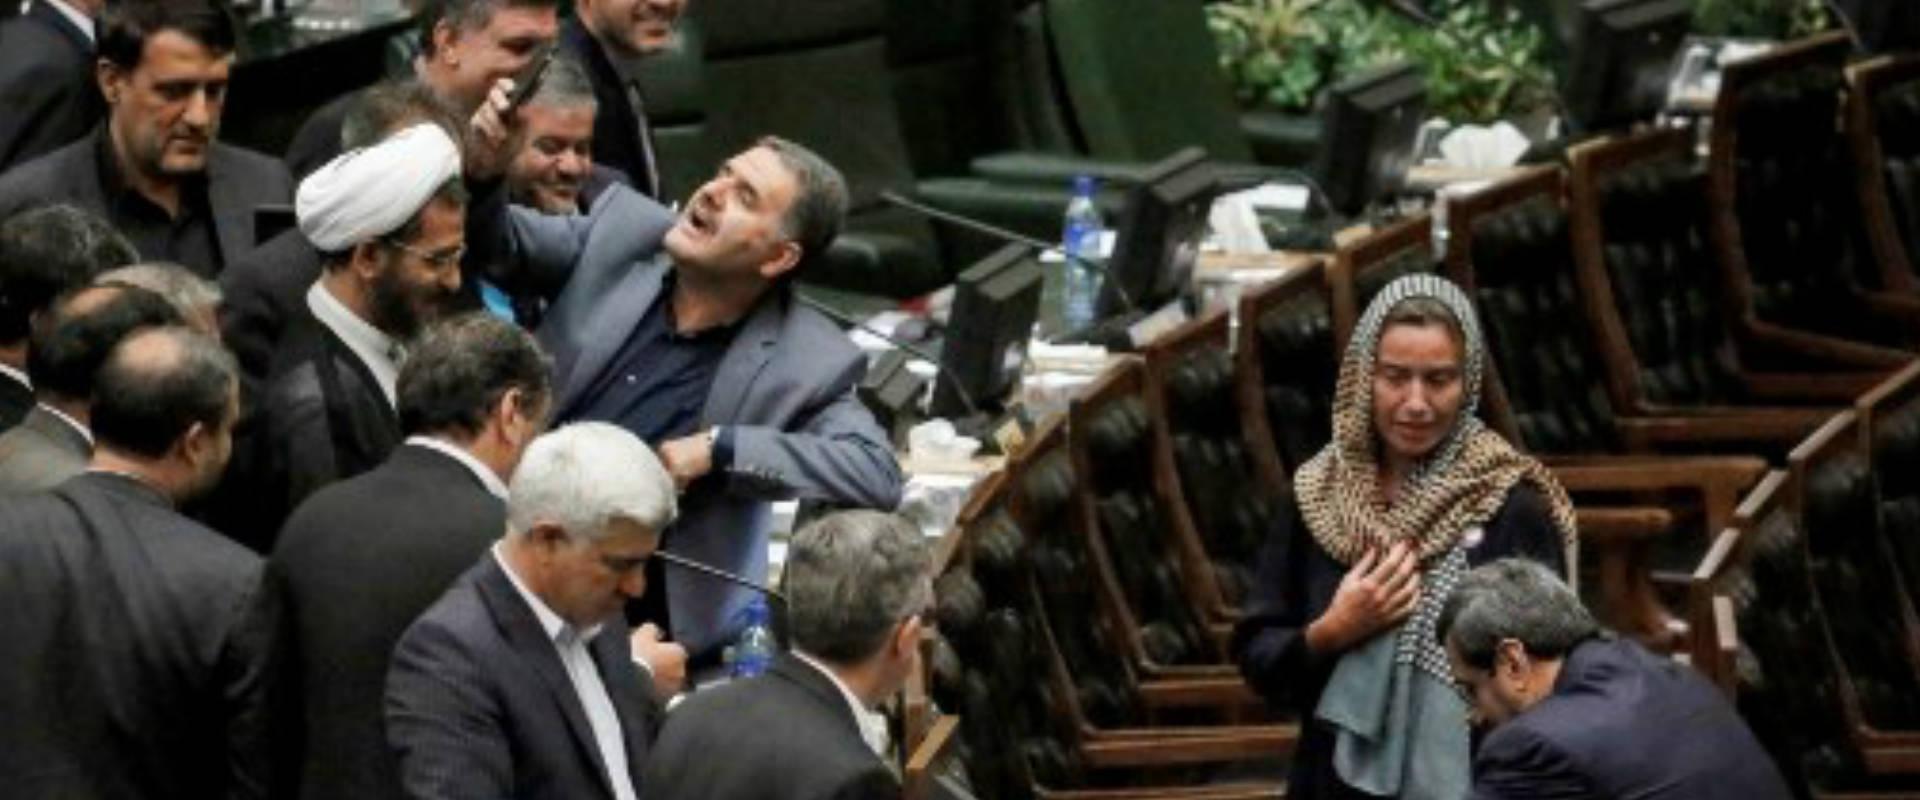 מוגריני וחברי הפרלמנט האיראנים